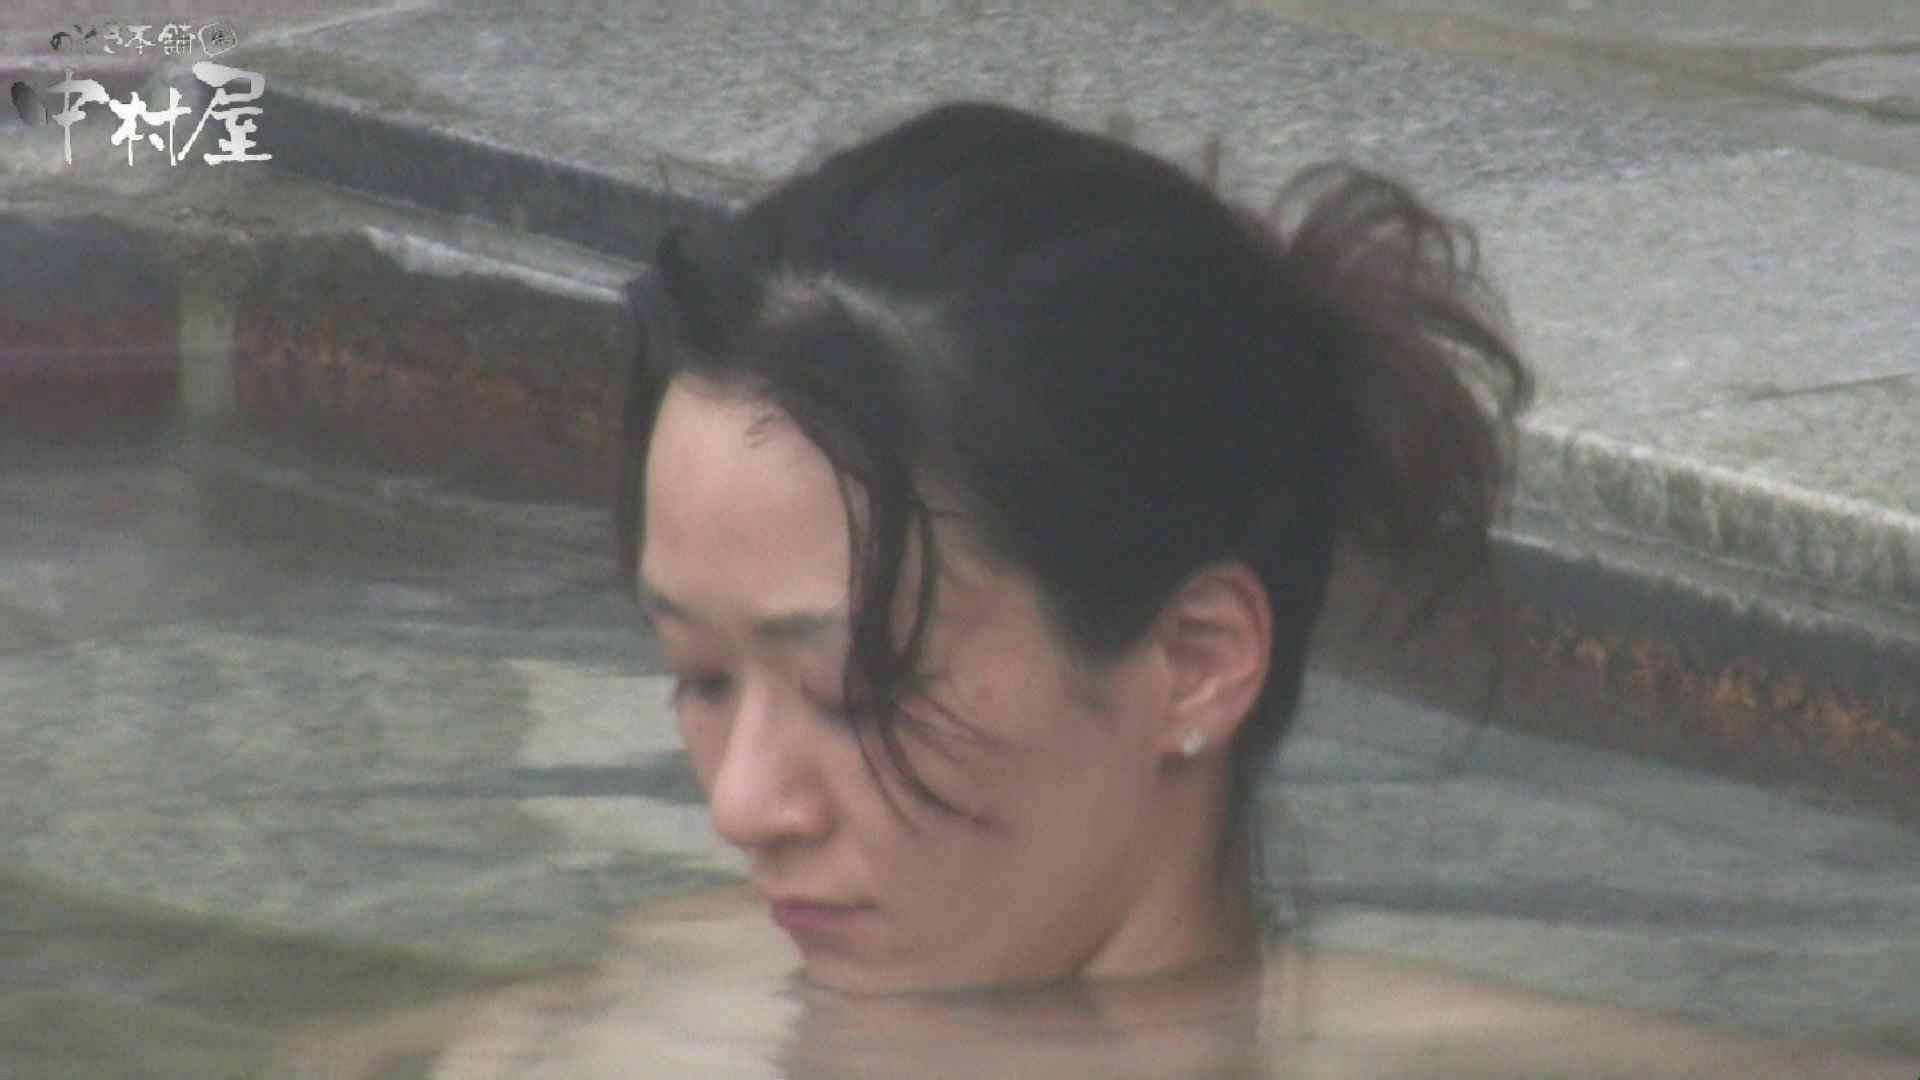 Aquaな露天風呂Vol.928 露天風呂 | 盗撮動画  10枚 7